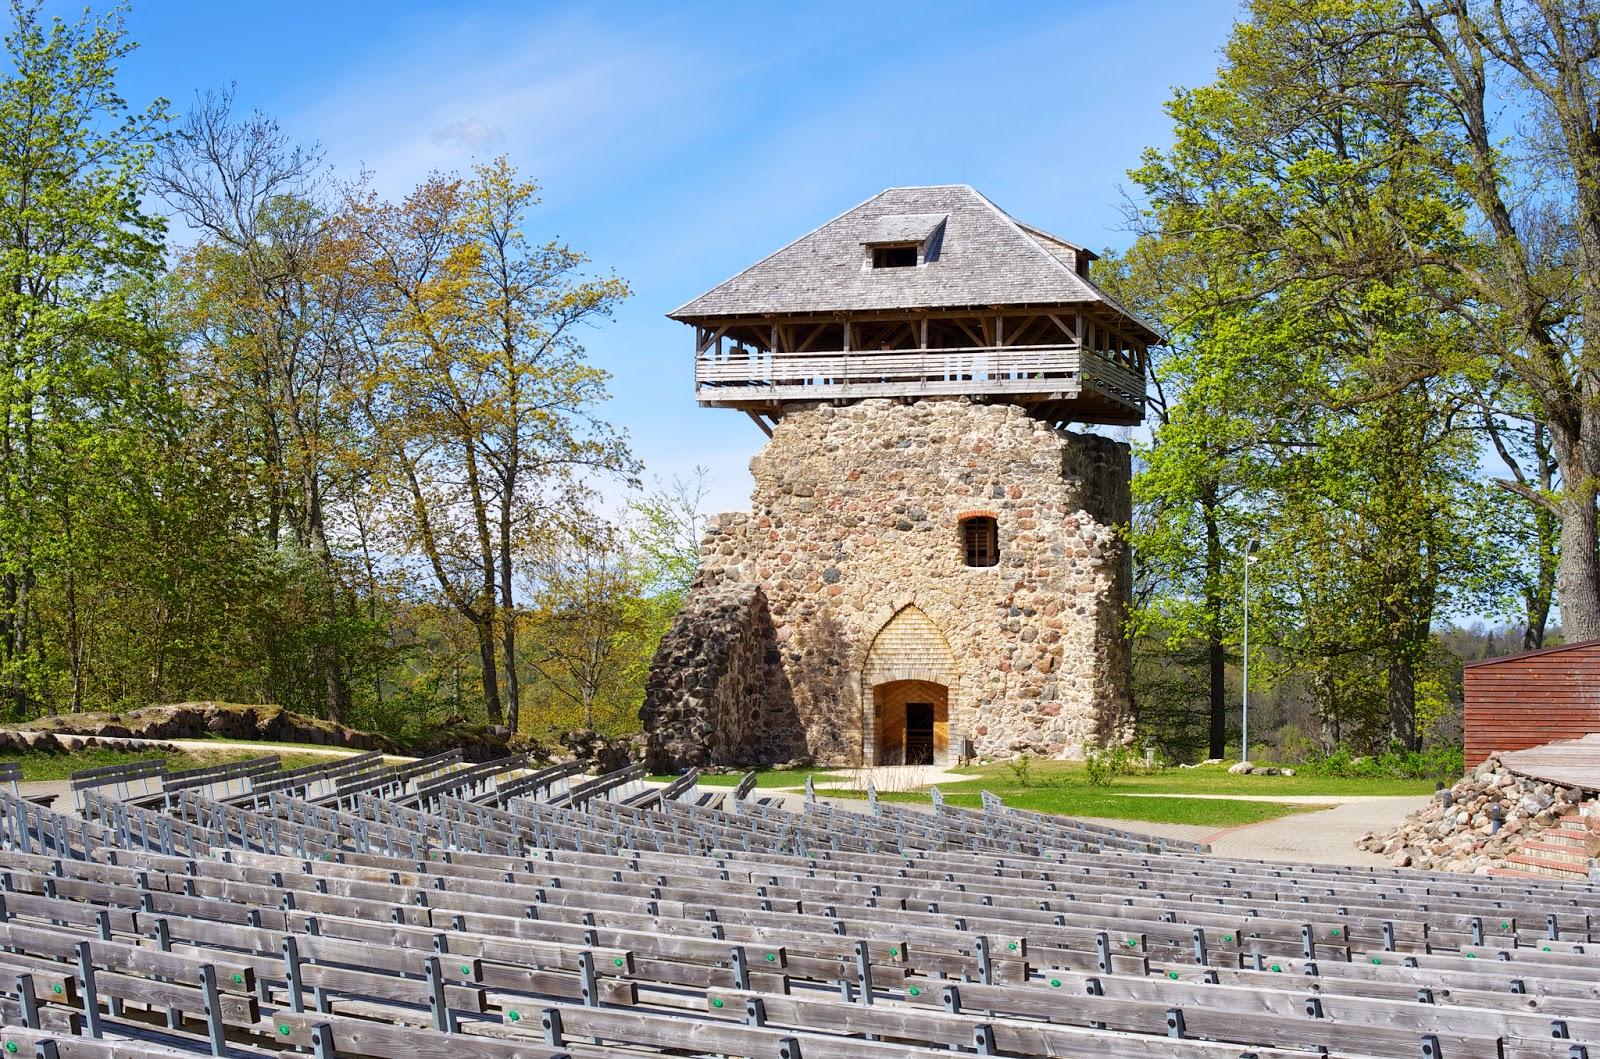 Сигулдский замок Ливонского Ордена. Замок Зегевольд. Латвия